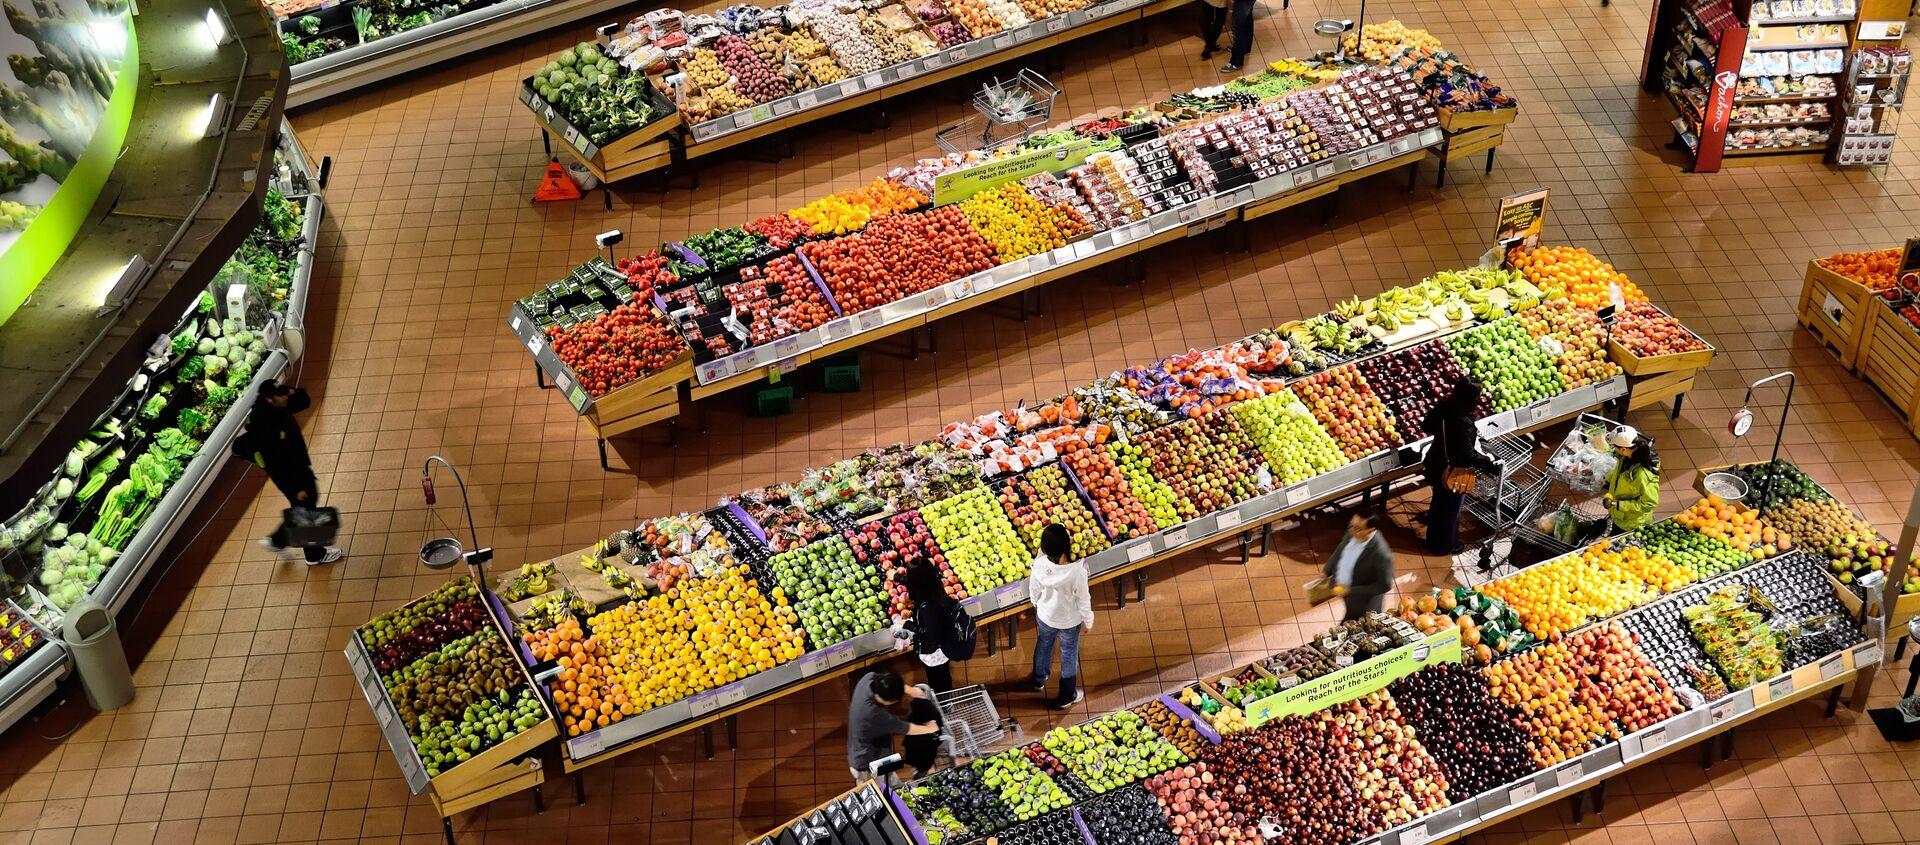 Un supermercado - Sputnik Mundo, 1920, 26.12.2020